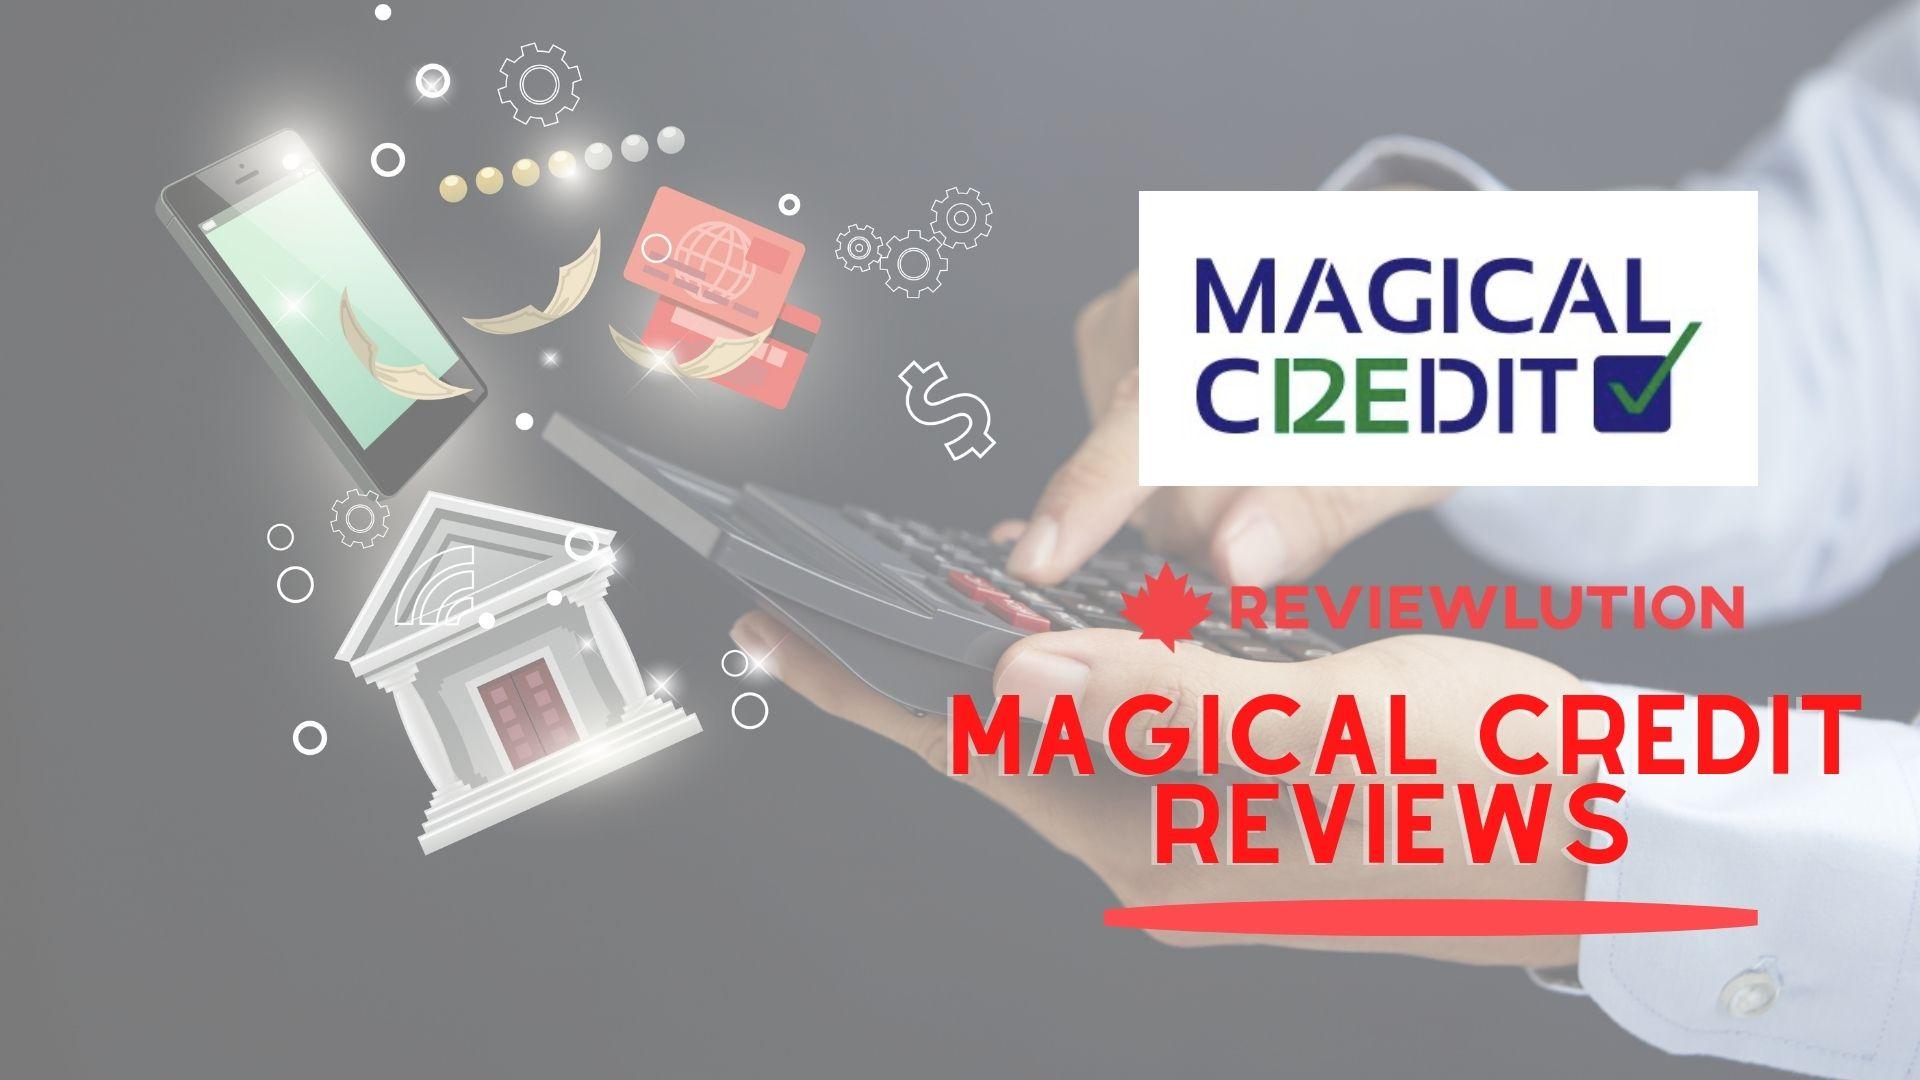 Magical Credit